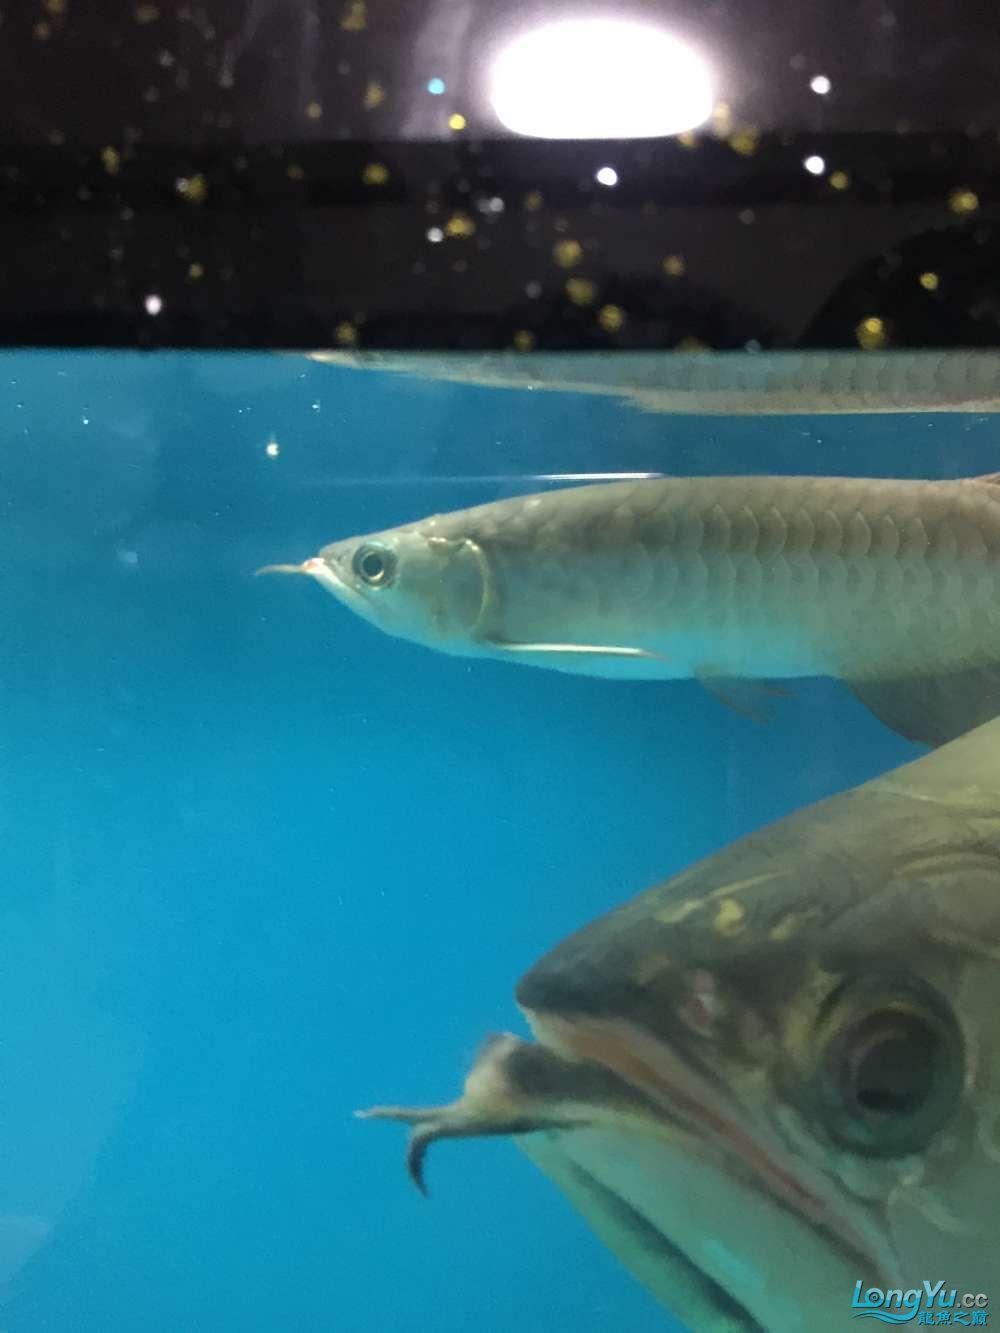 小红龙鳃盖的上的金色小点是什么病 杭州龙鱼论坛 杭州龙鱼第2张